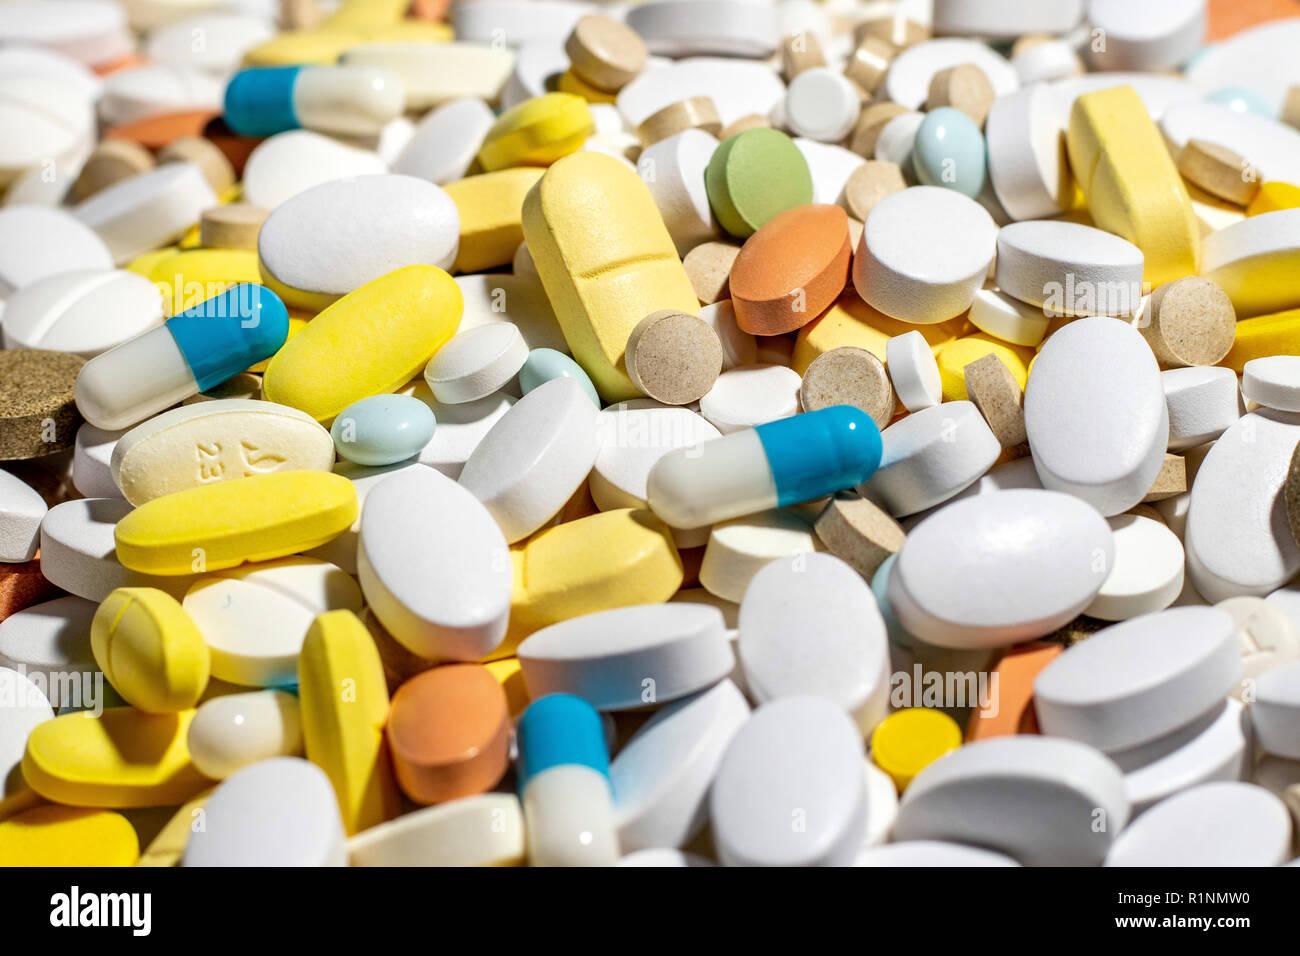 Pille für den Mann: Hormonbehandlung bleibt Frauensache